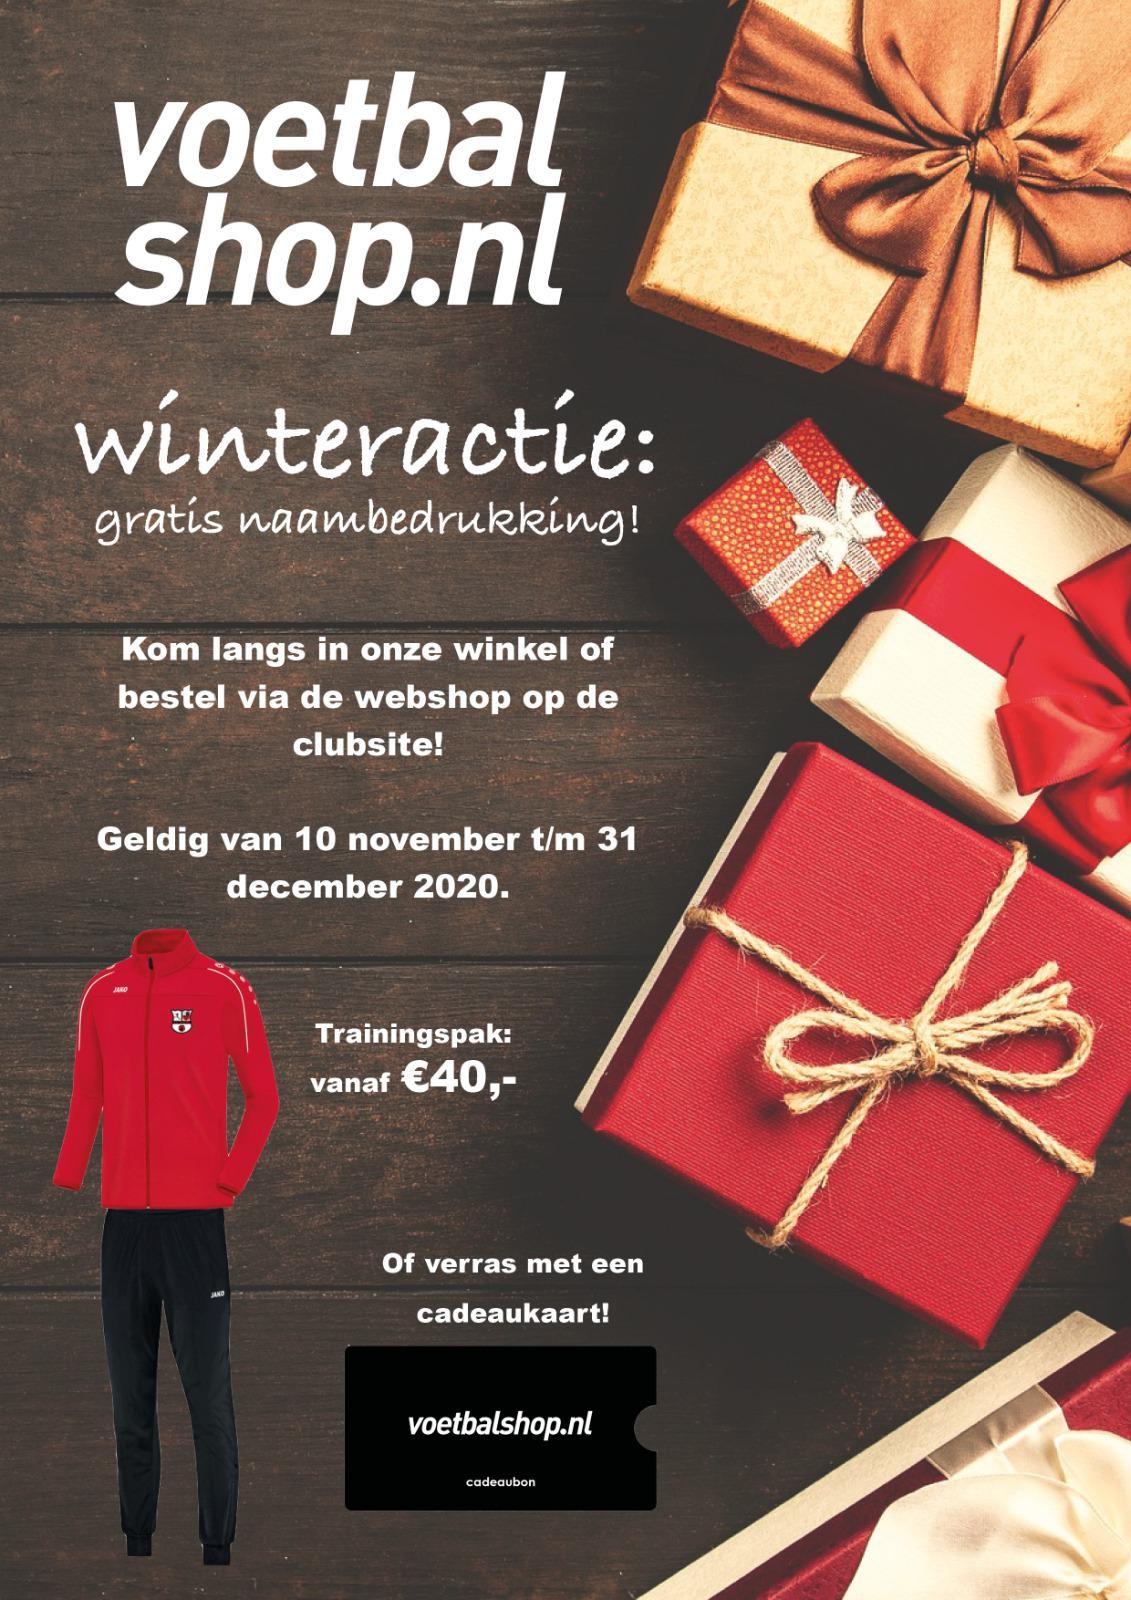 Winteractie voetbalshop.nl